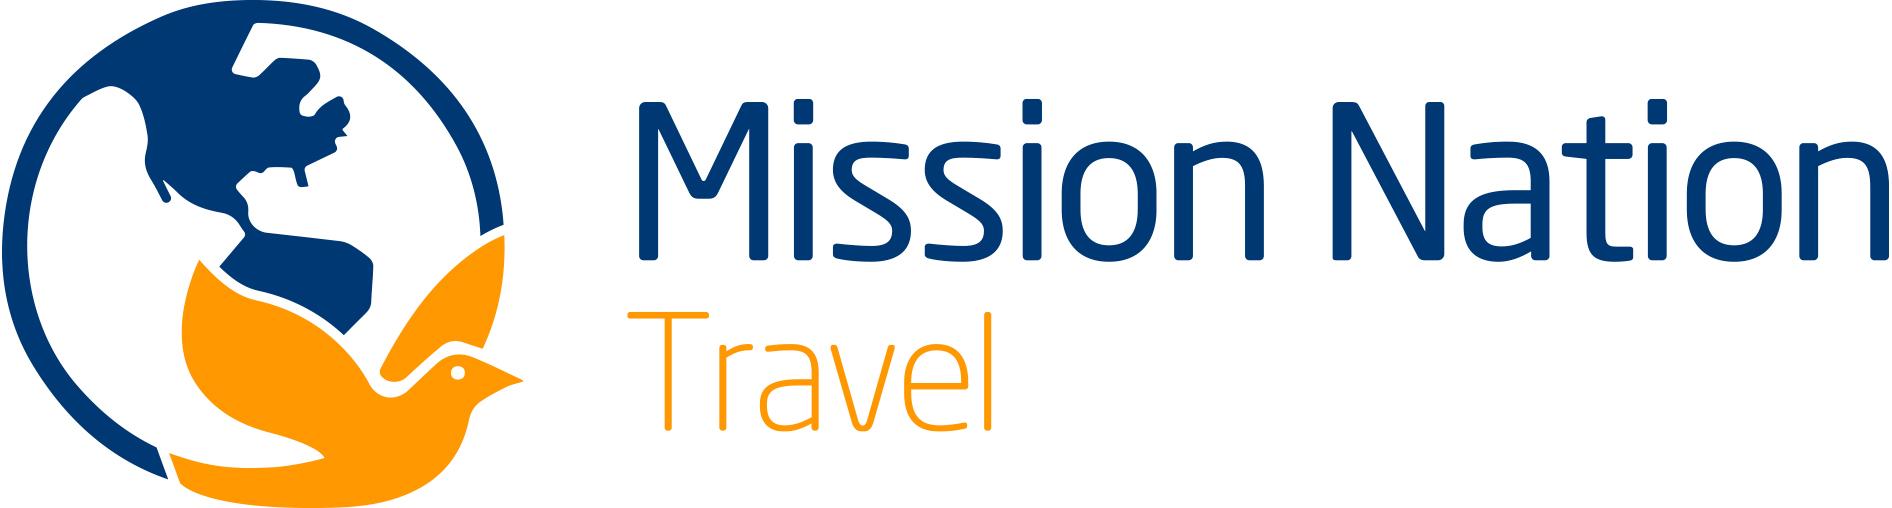 Mission-Nation-logo